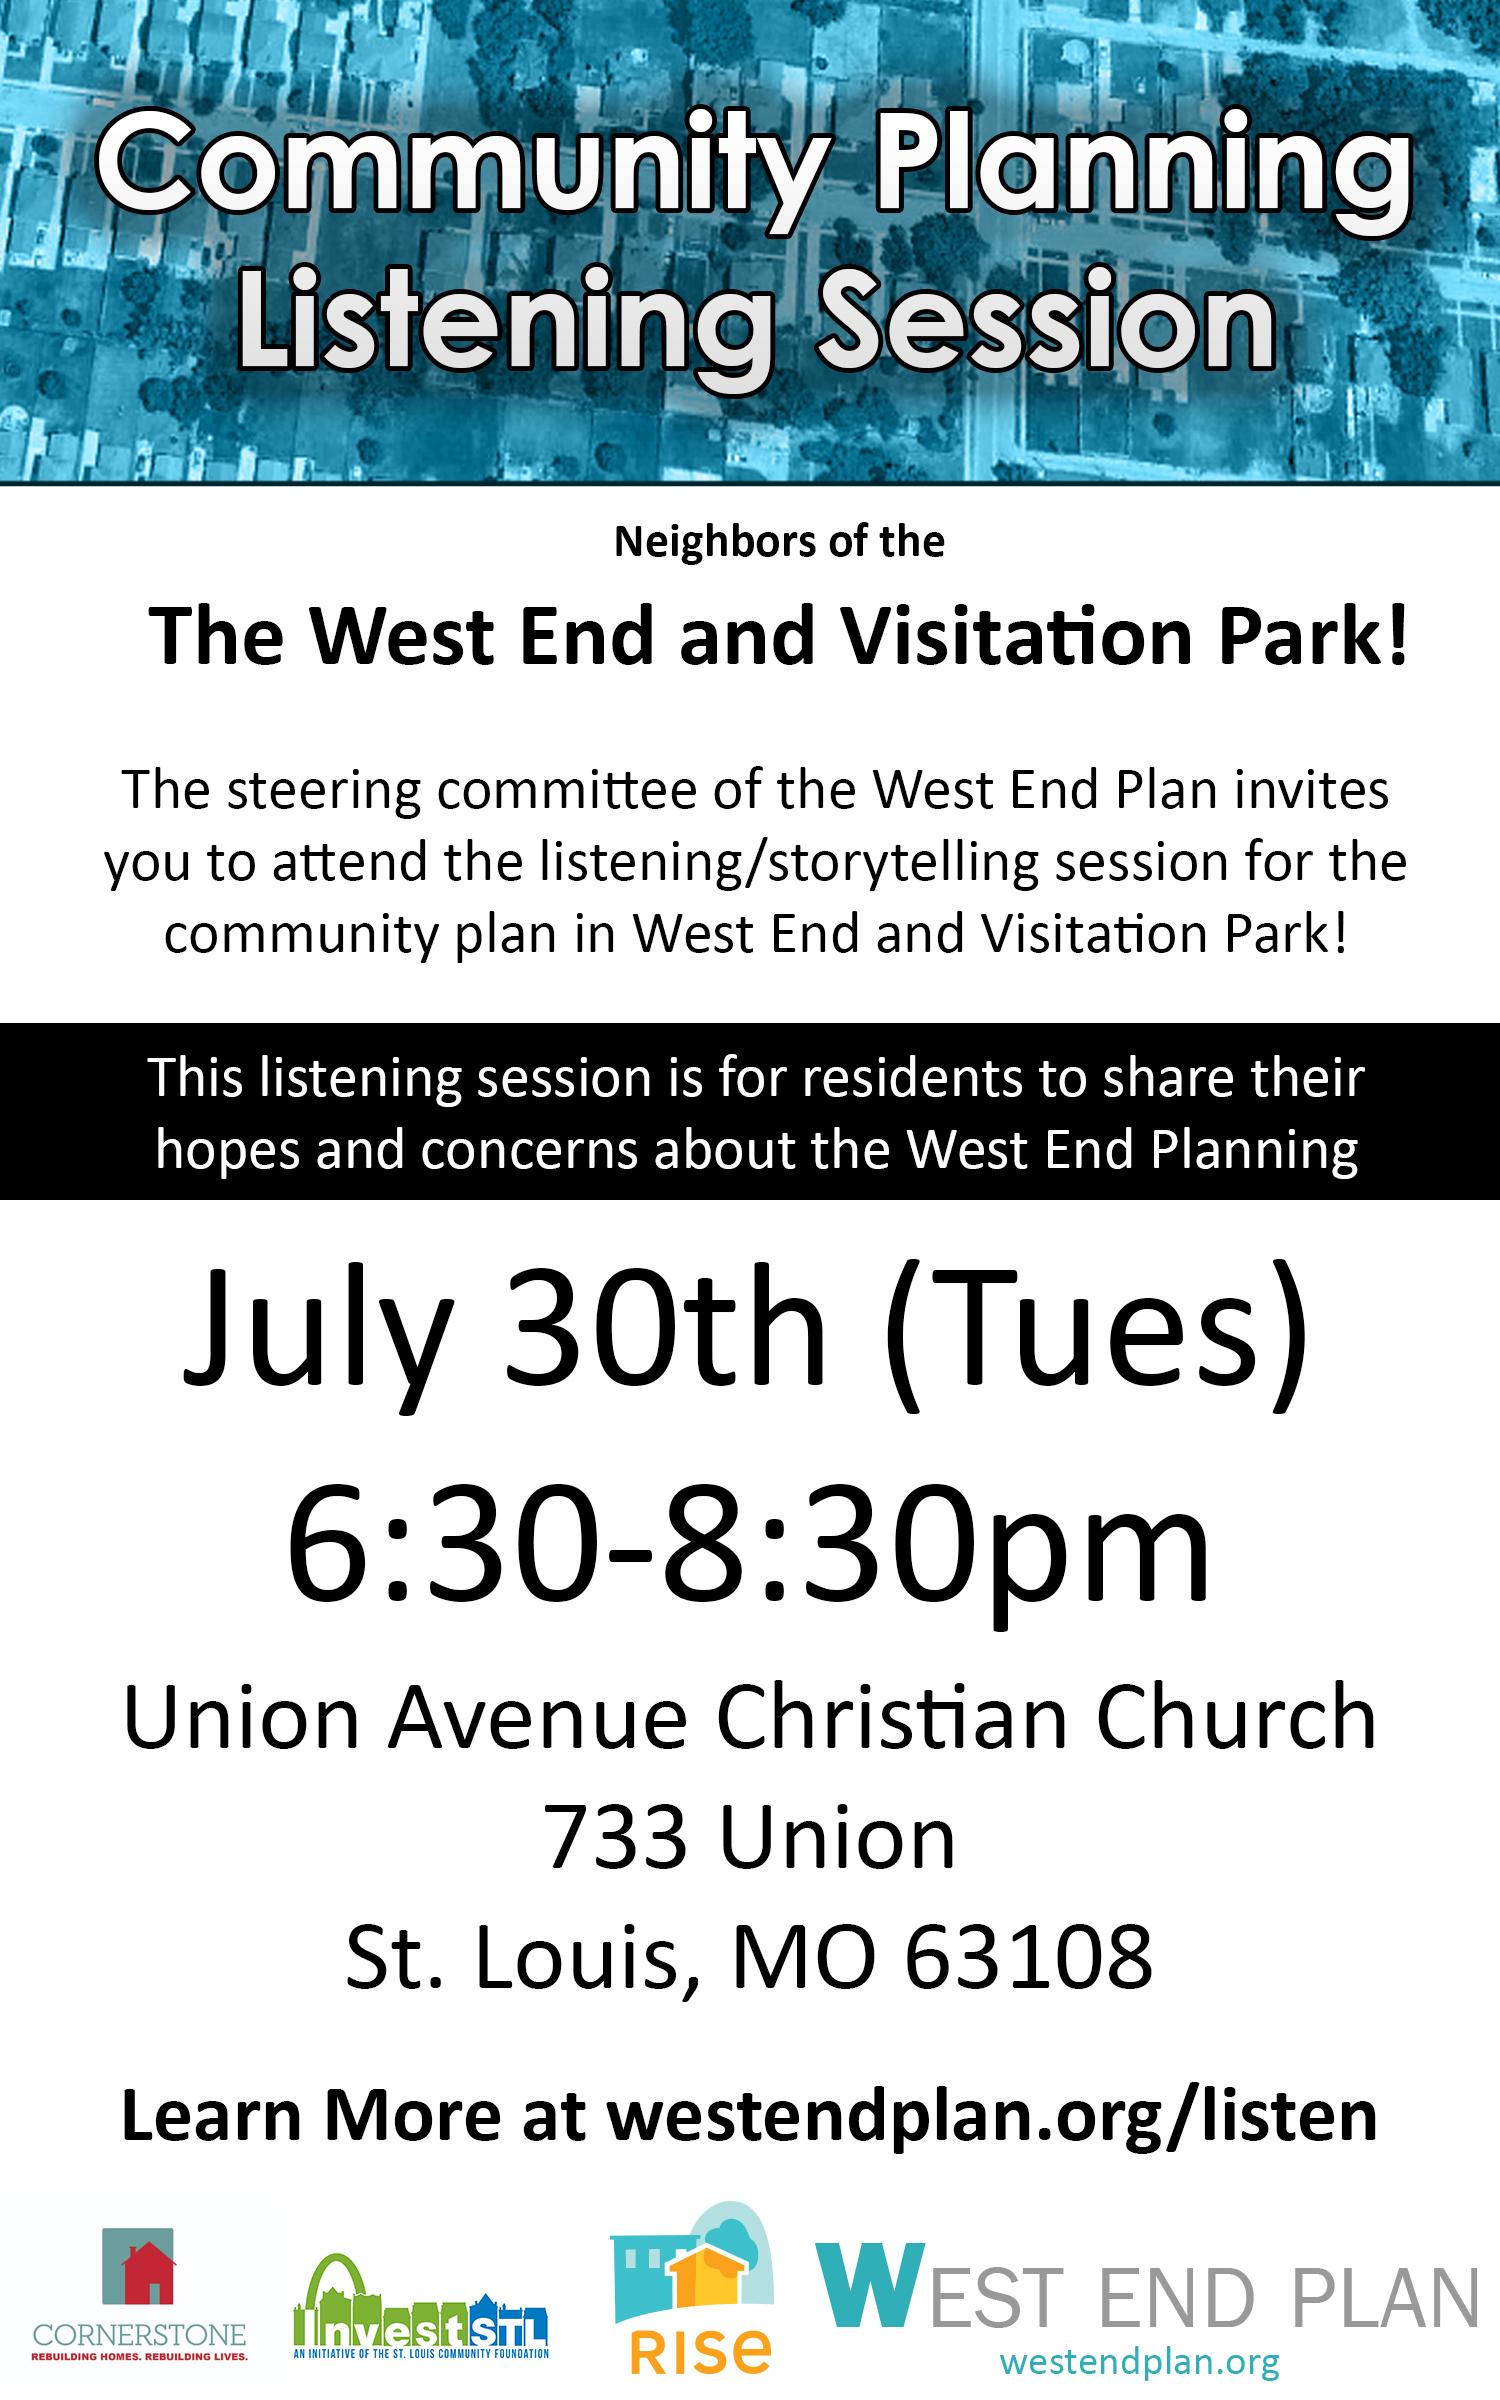 West End Planning Listening_Session Flier-color.jpg